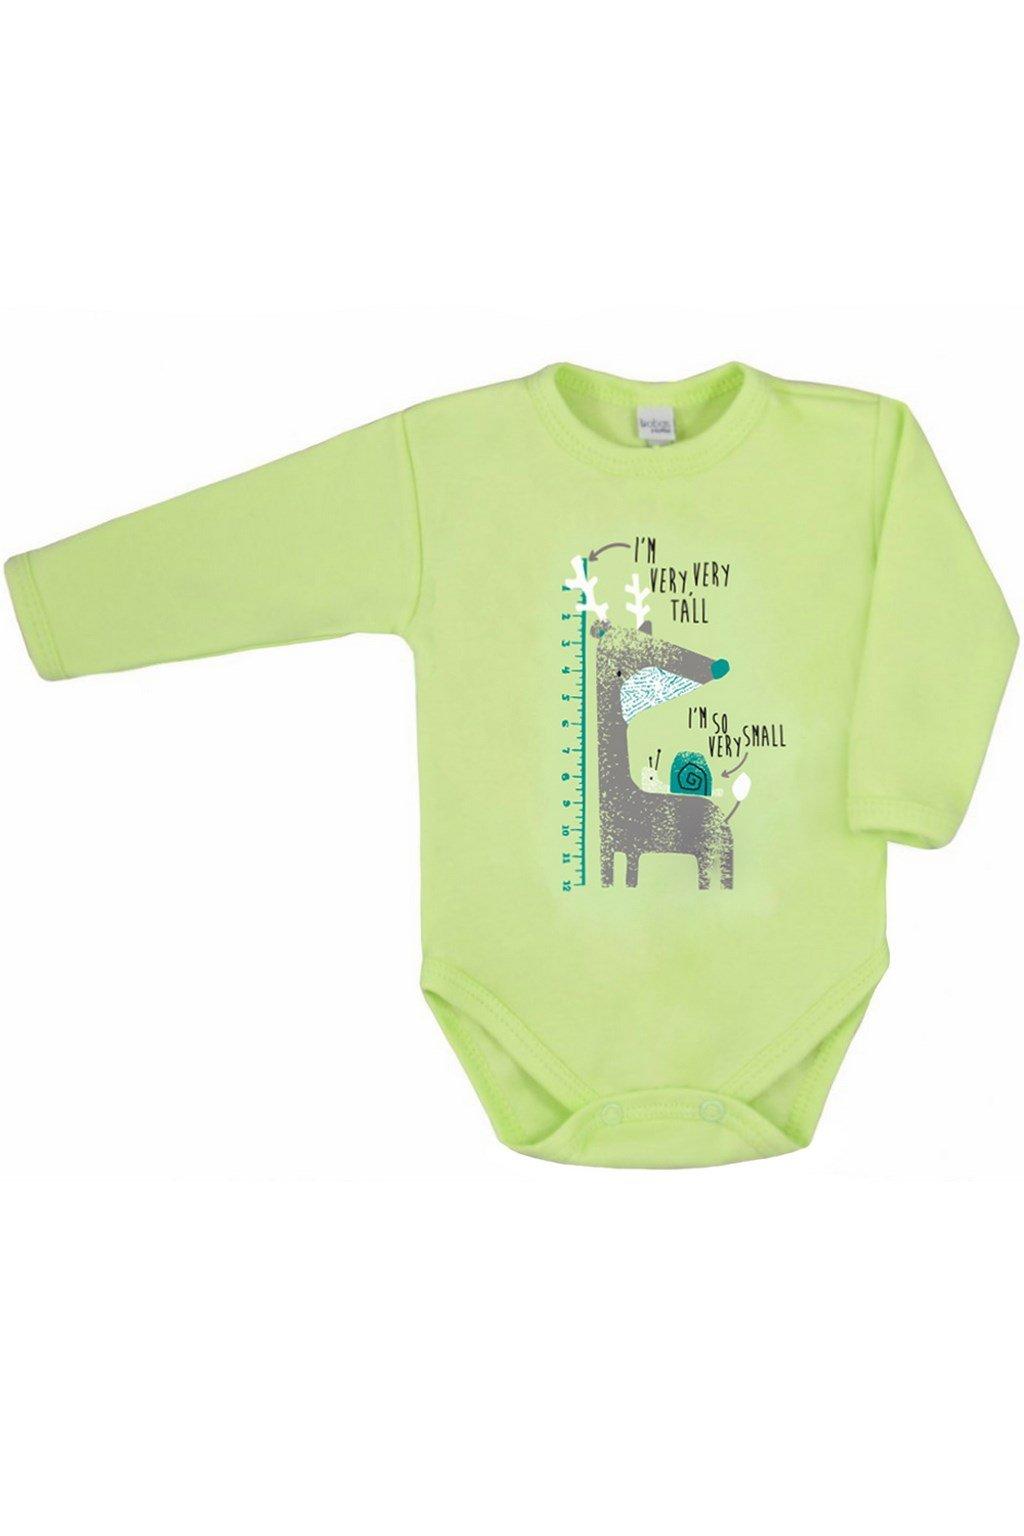 Dojčenské body s dlhým rukávom Amma zelené